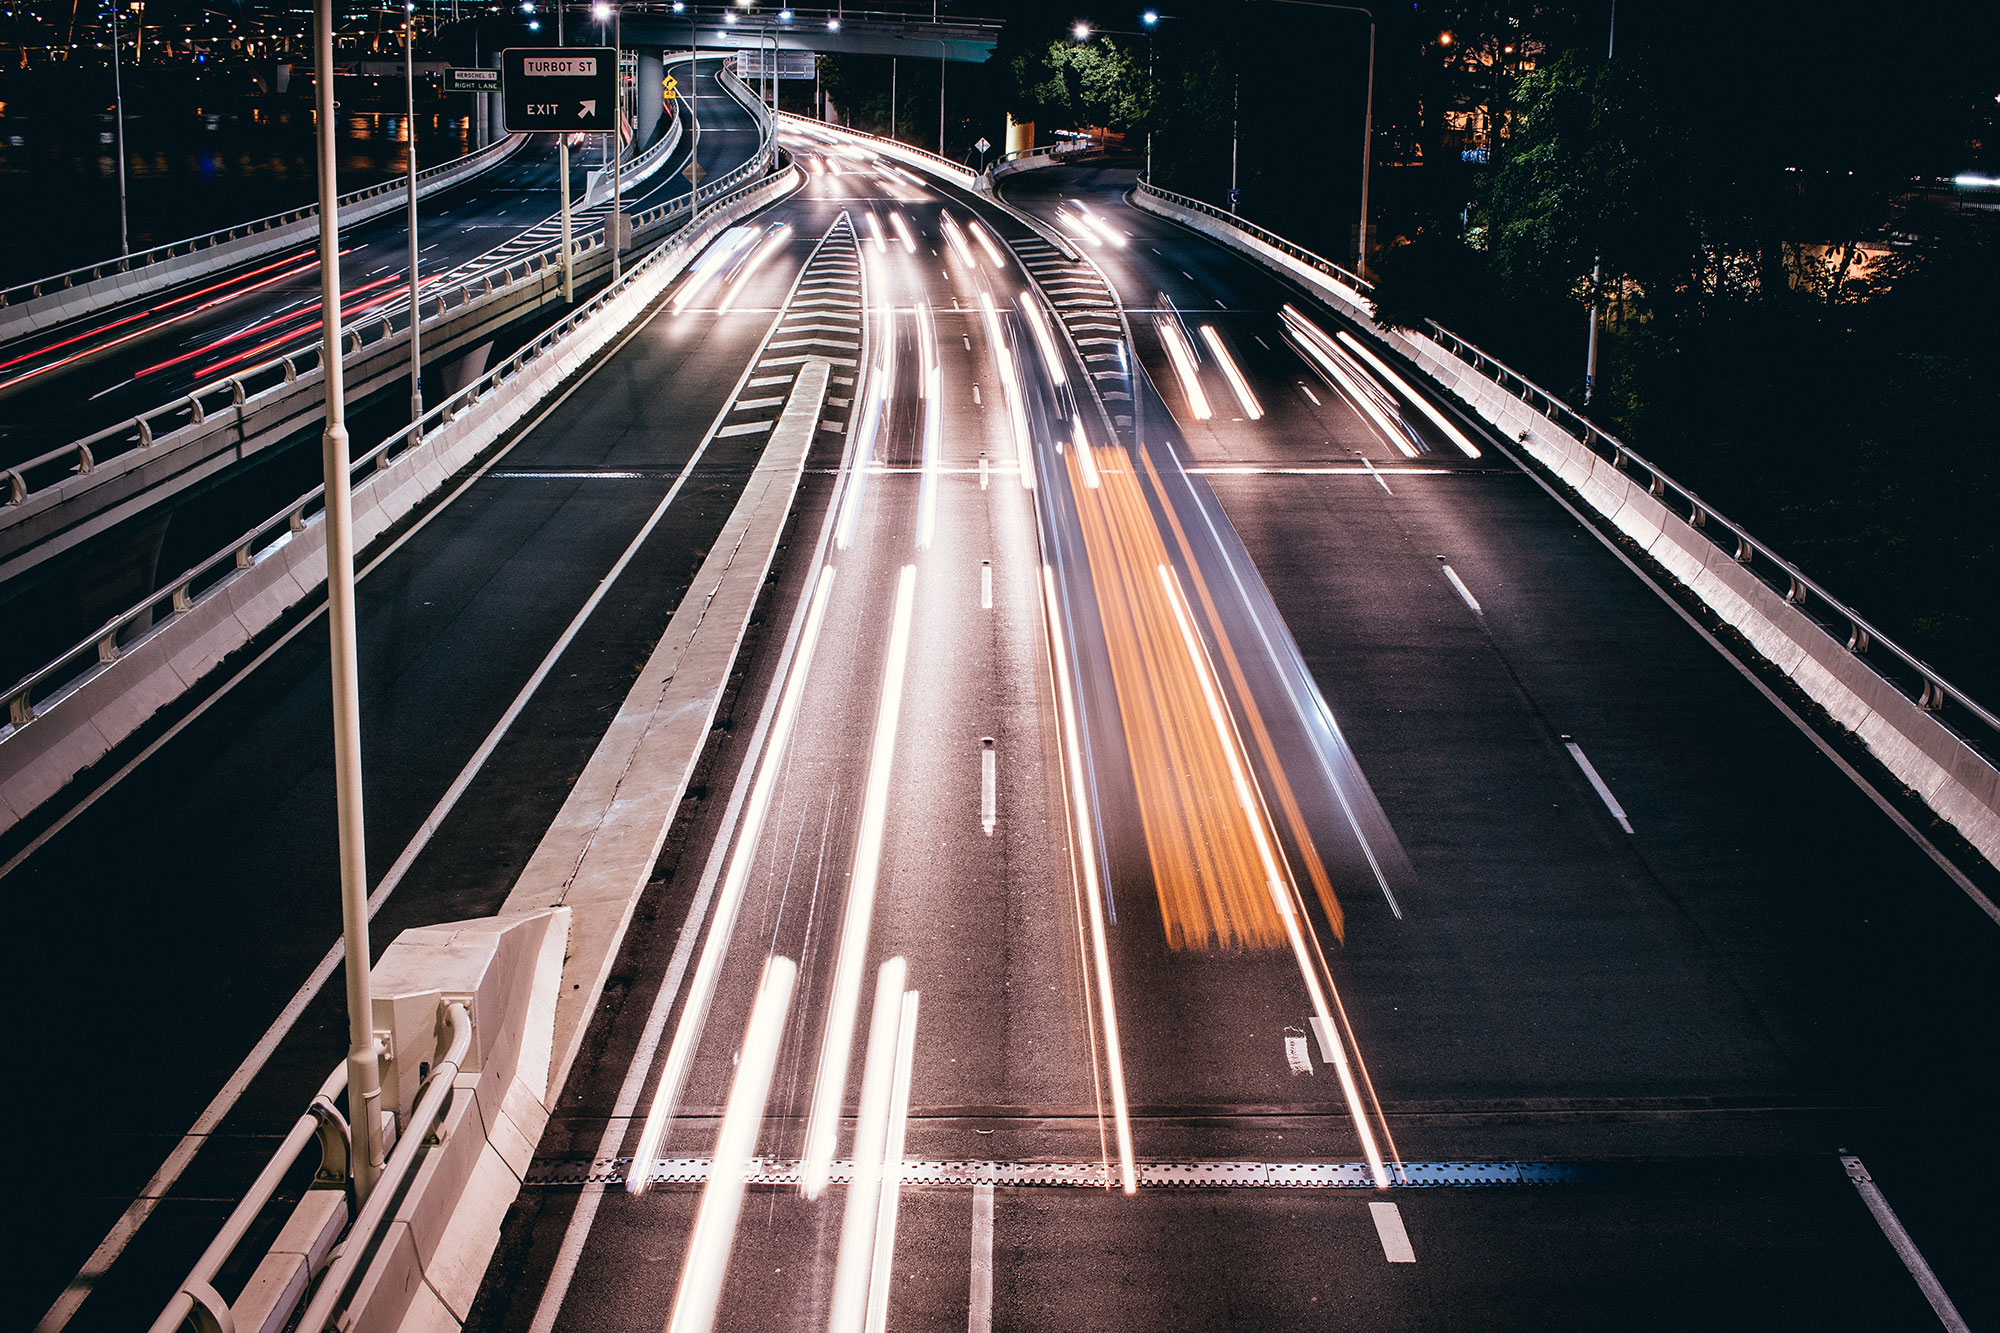 Sécurité routière : incitant fiscal pour l'achat d'un équipement de sécurité